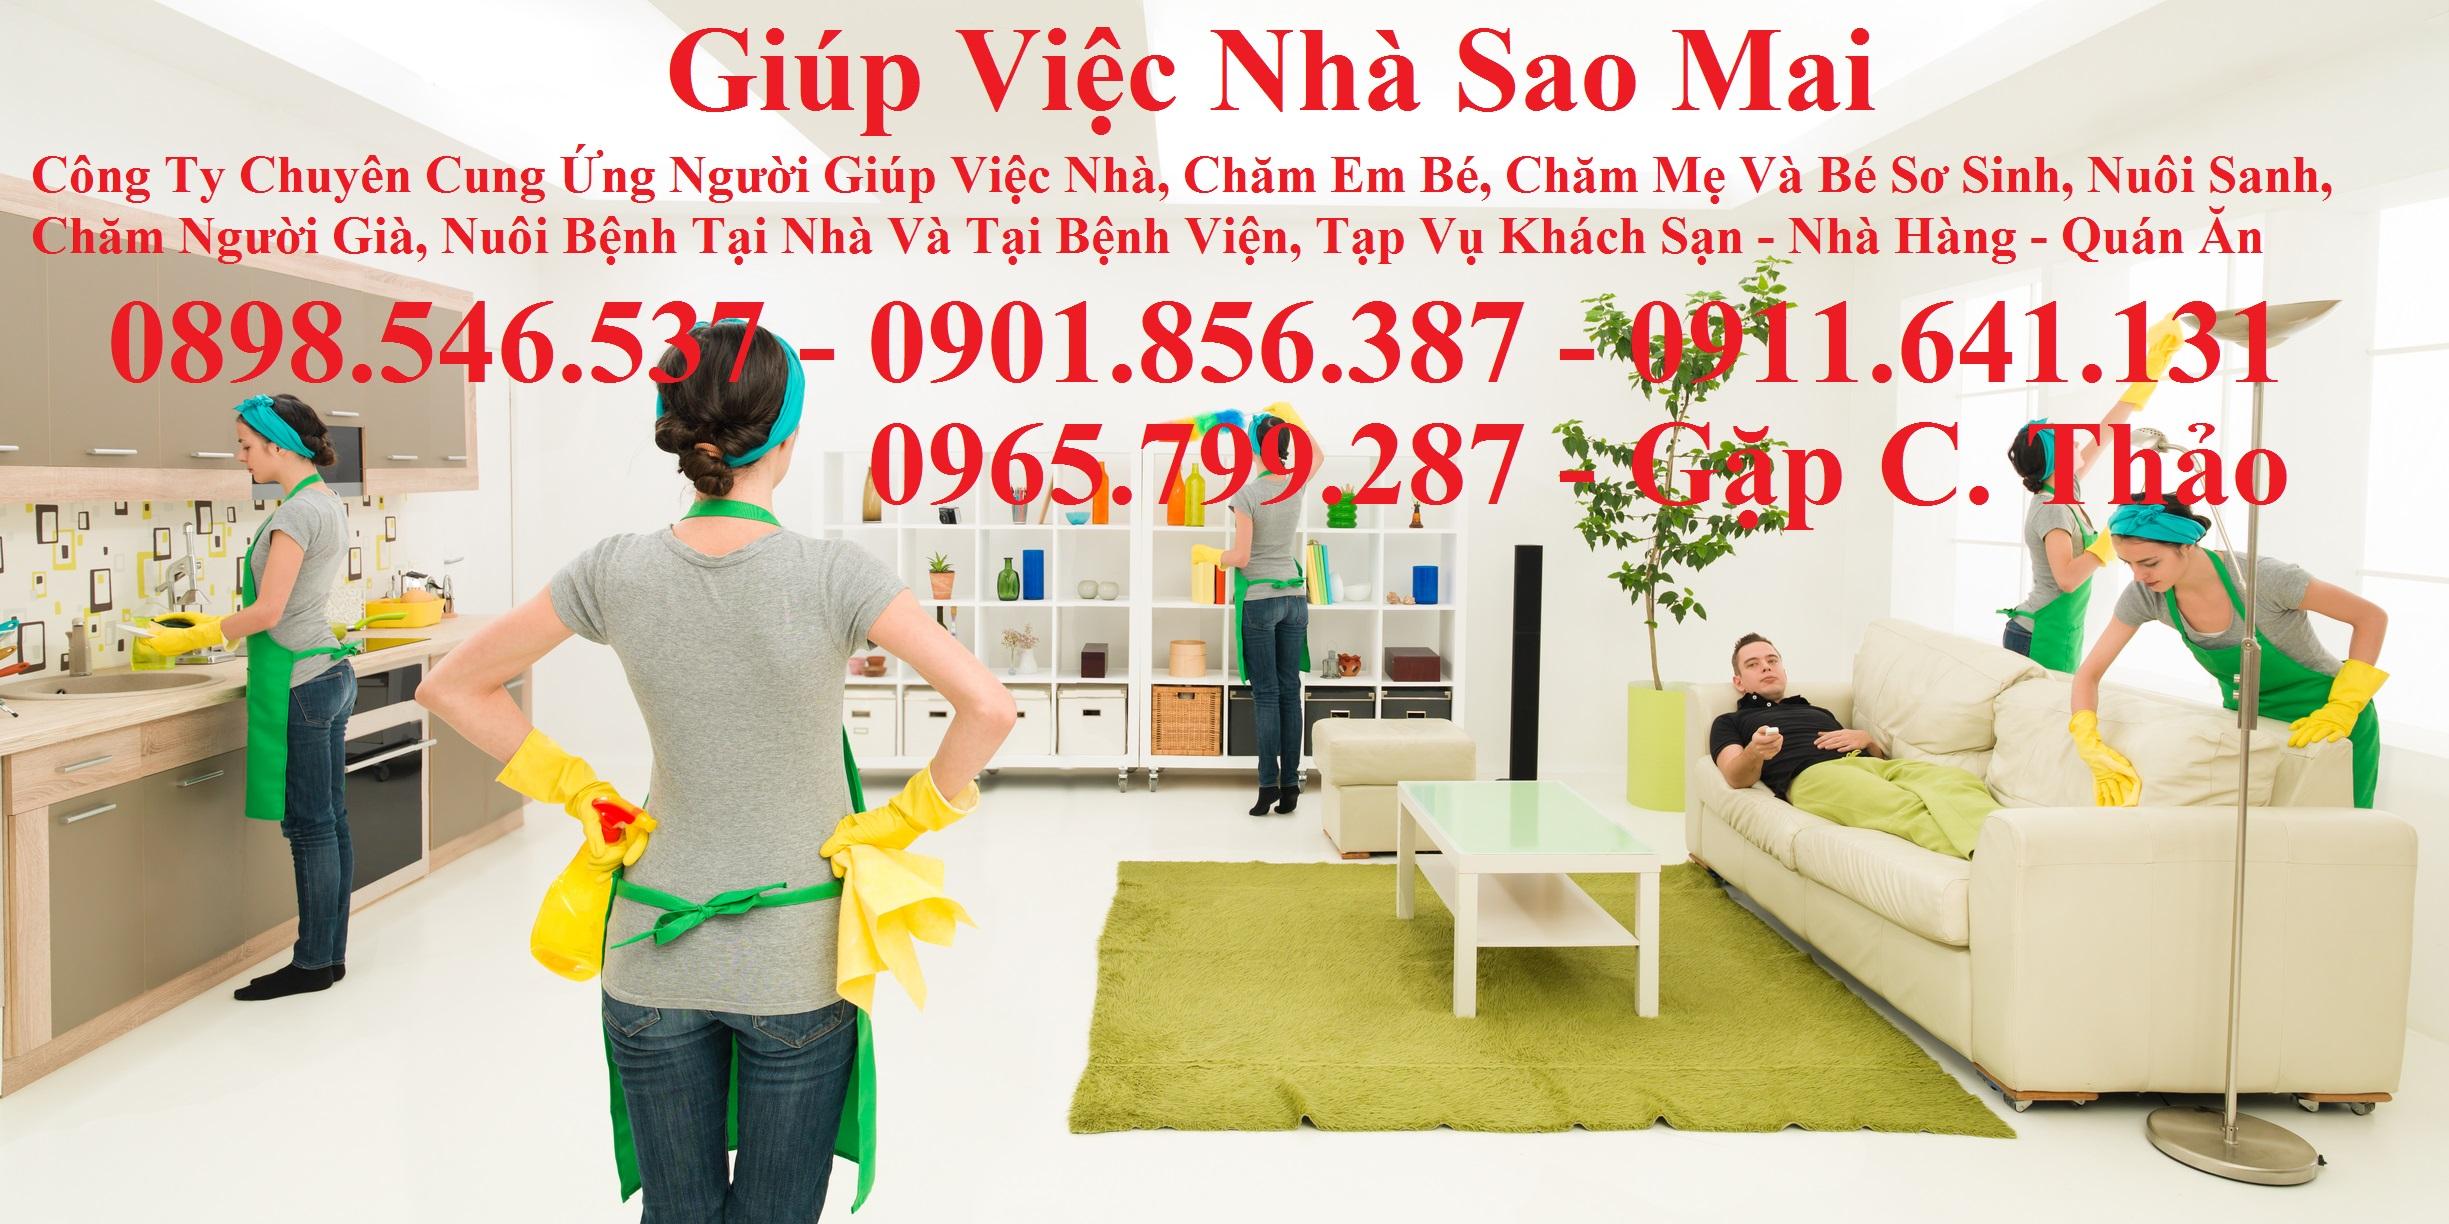 DỊCH VỤ CHĂM SÓC NGƯỜI GIÀ GỌI 0968048340 ANH HƯNG